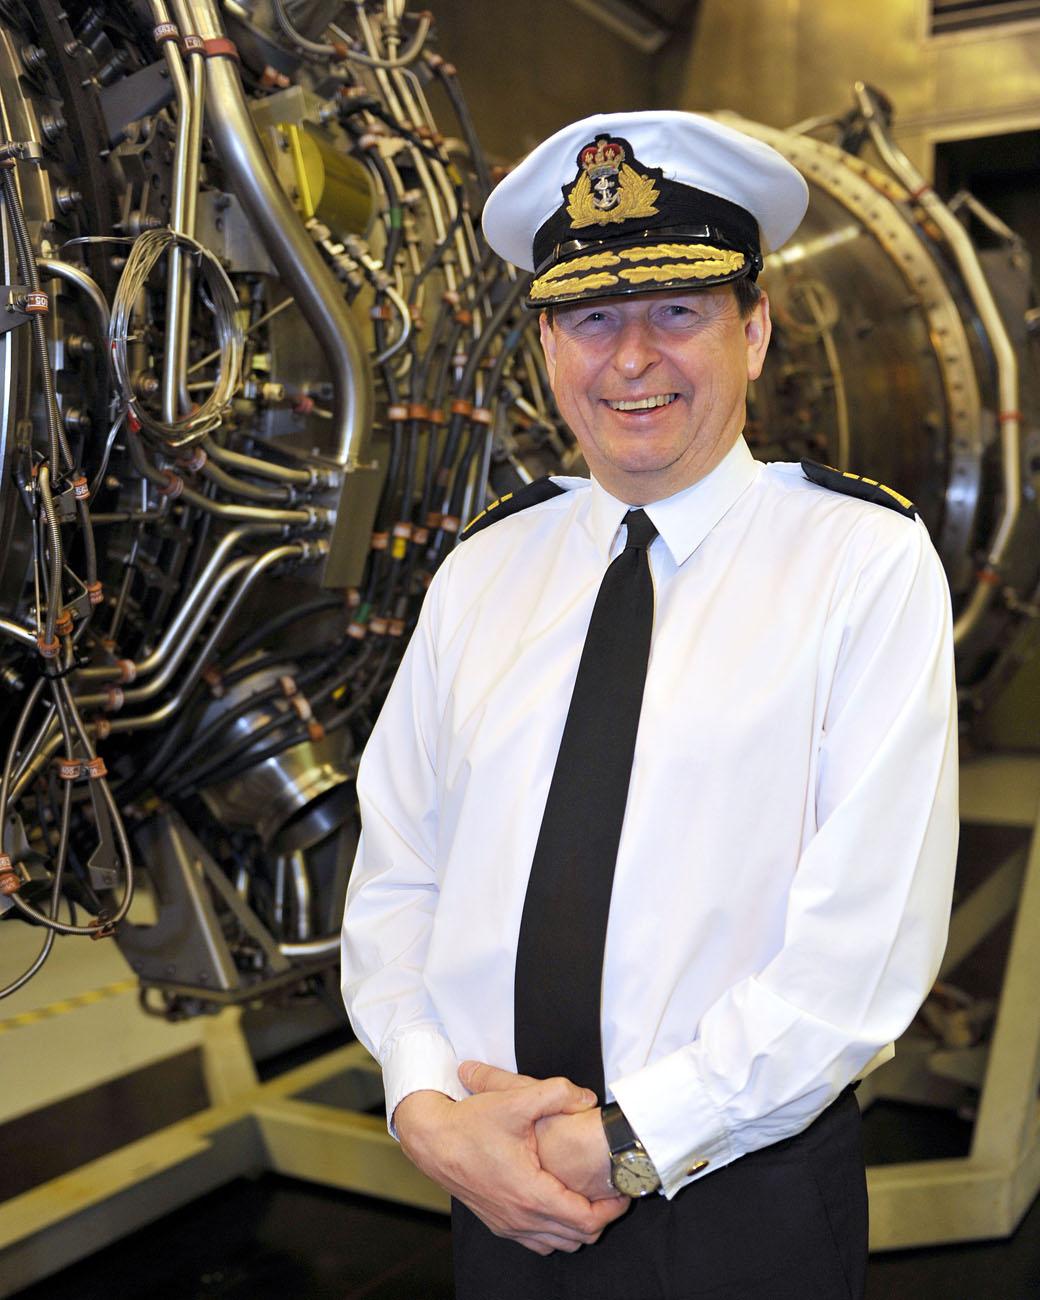 royal navy admiral pay